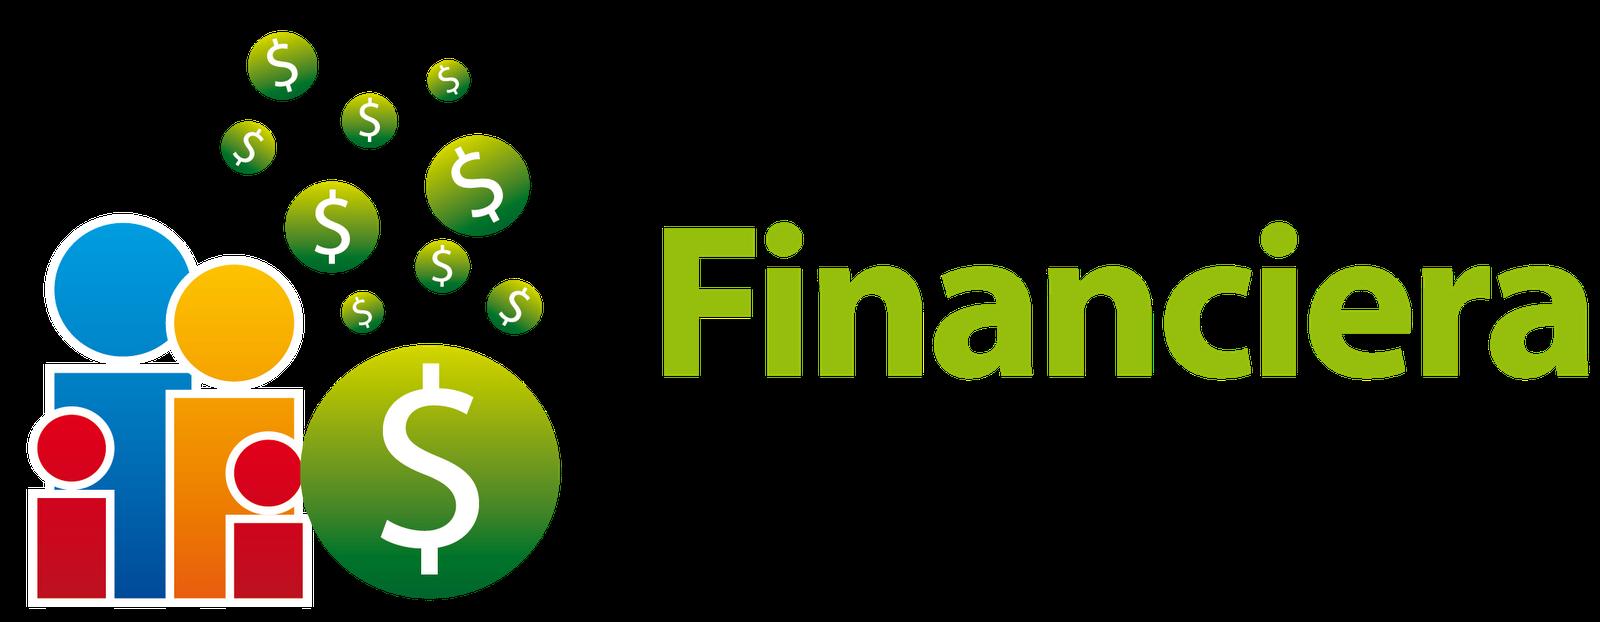 Educación Financiera para Todos®